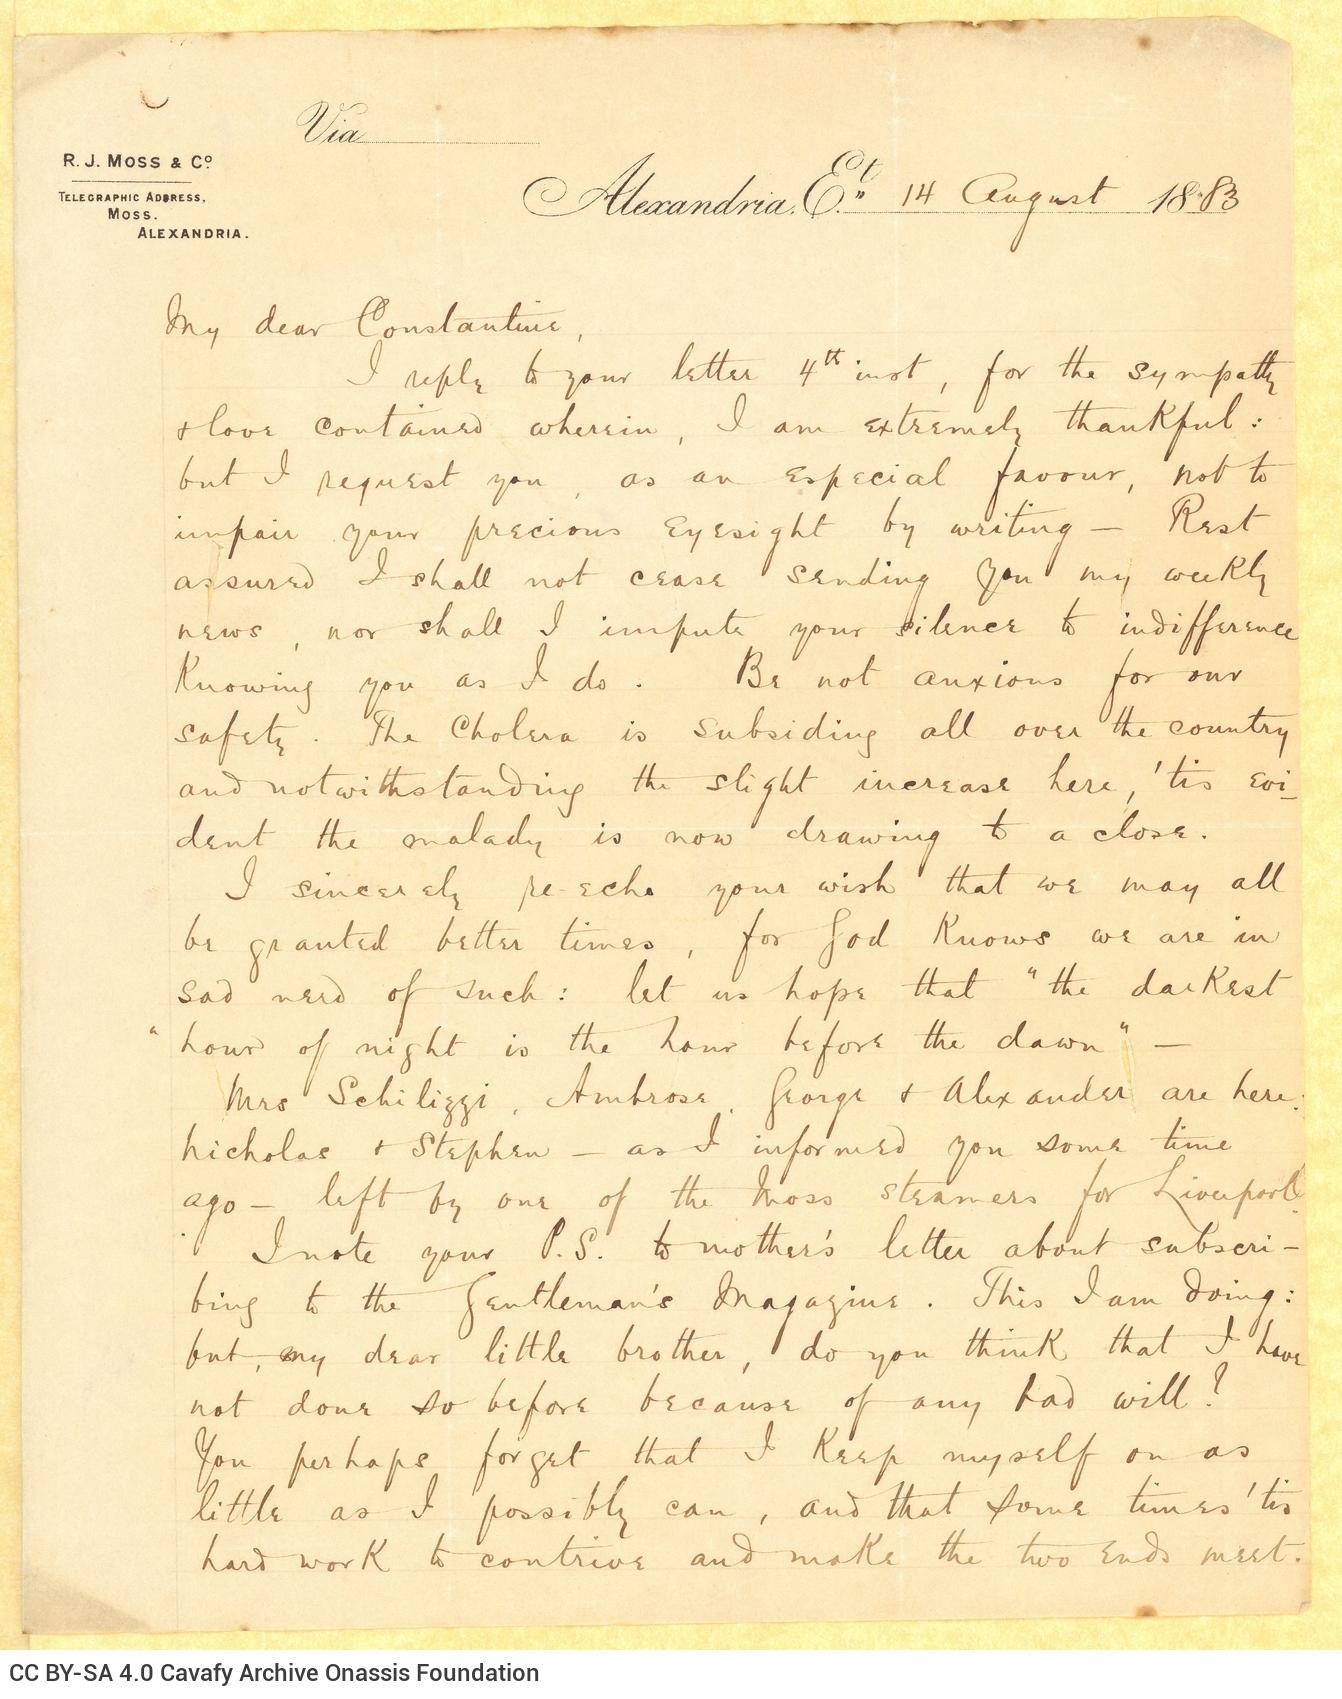 Χειρόγραφη επιστολή του Τζων Καβάφη προς τον Κ. Π. Καβάφη στην πρώτη �